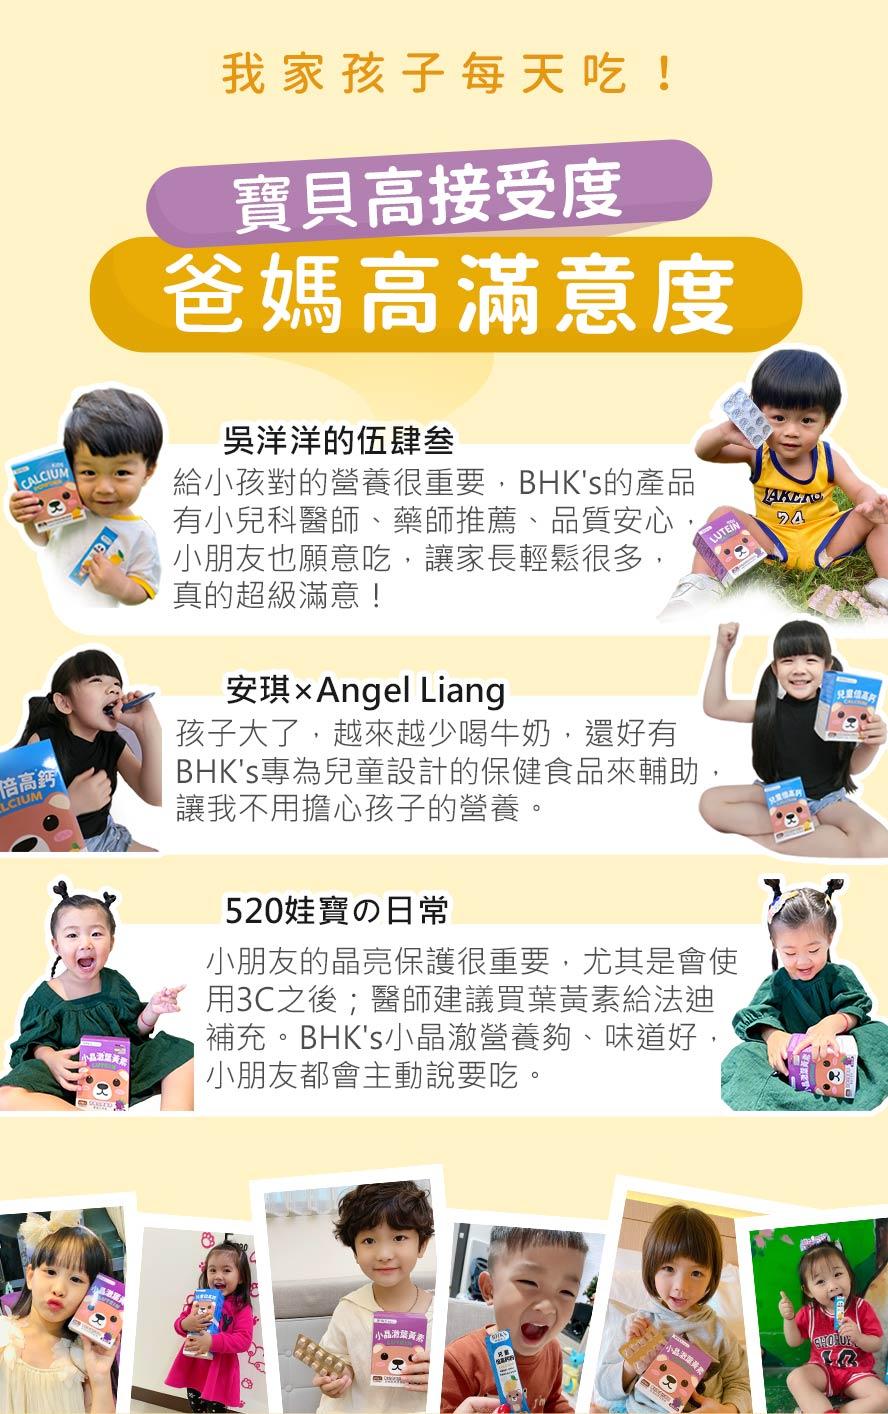 媽媽社團高討論度的BHK's兒童葉黃素與倍高鈣,小朋友接收度超高,每天補充守護雙眼與骨骼發育。